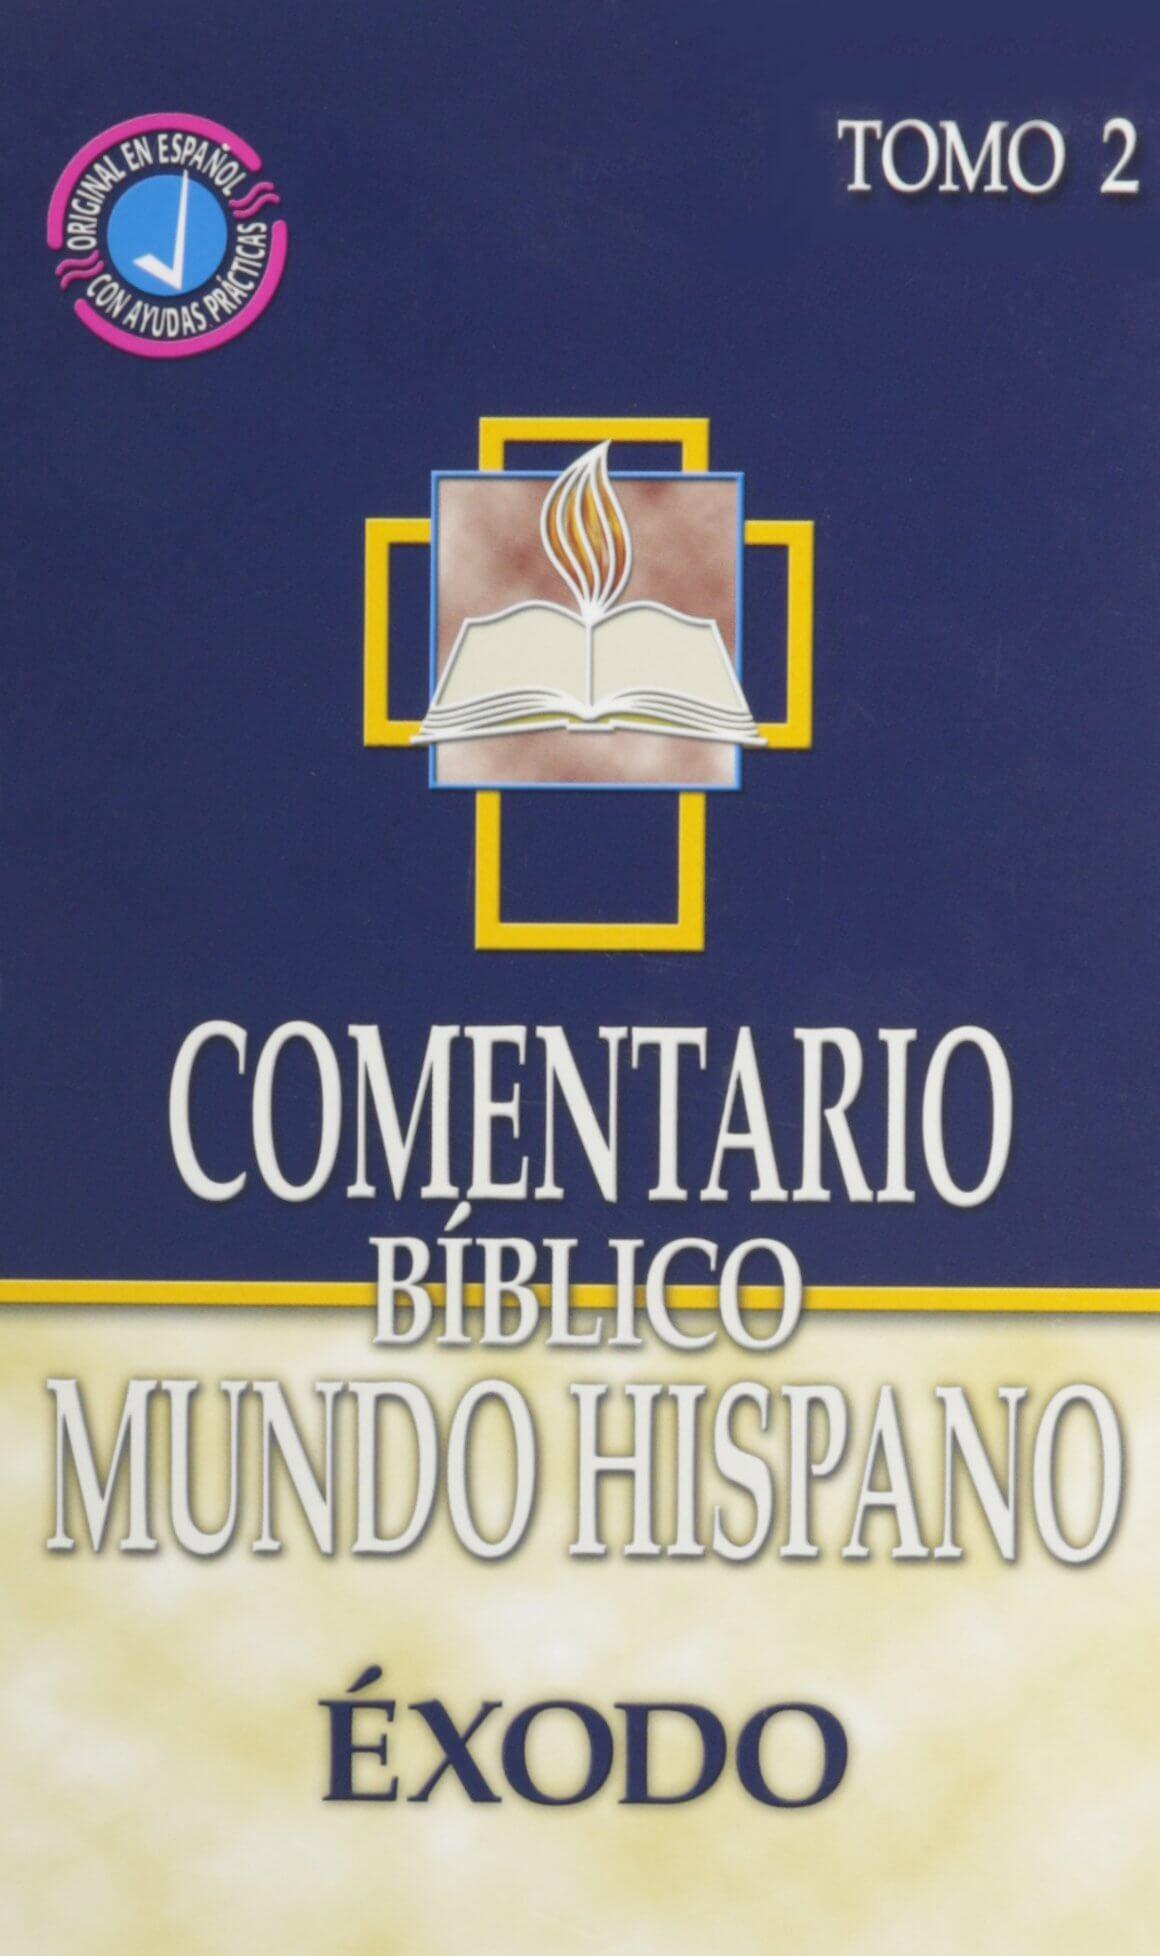 Comentario Bíblico Mundo Hispano - Genesis